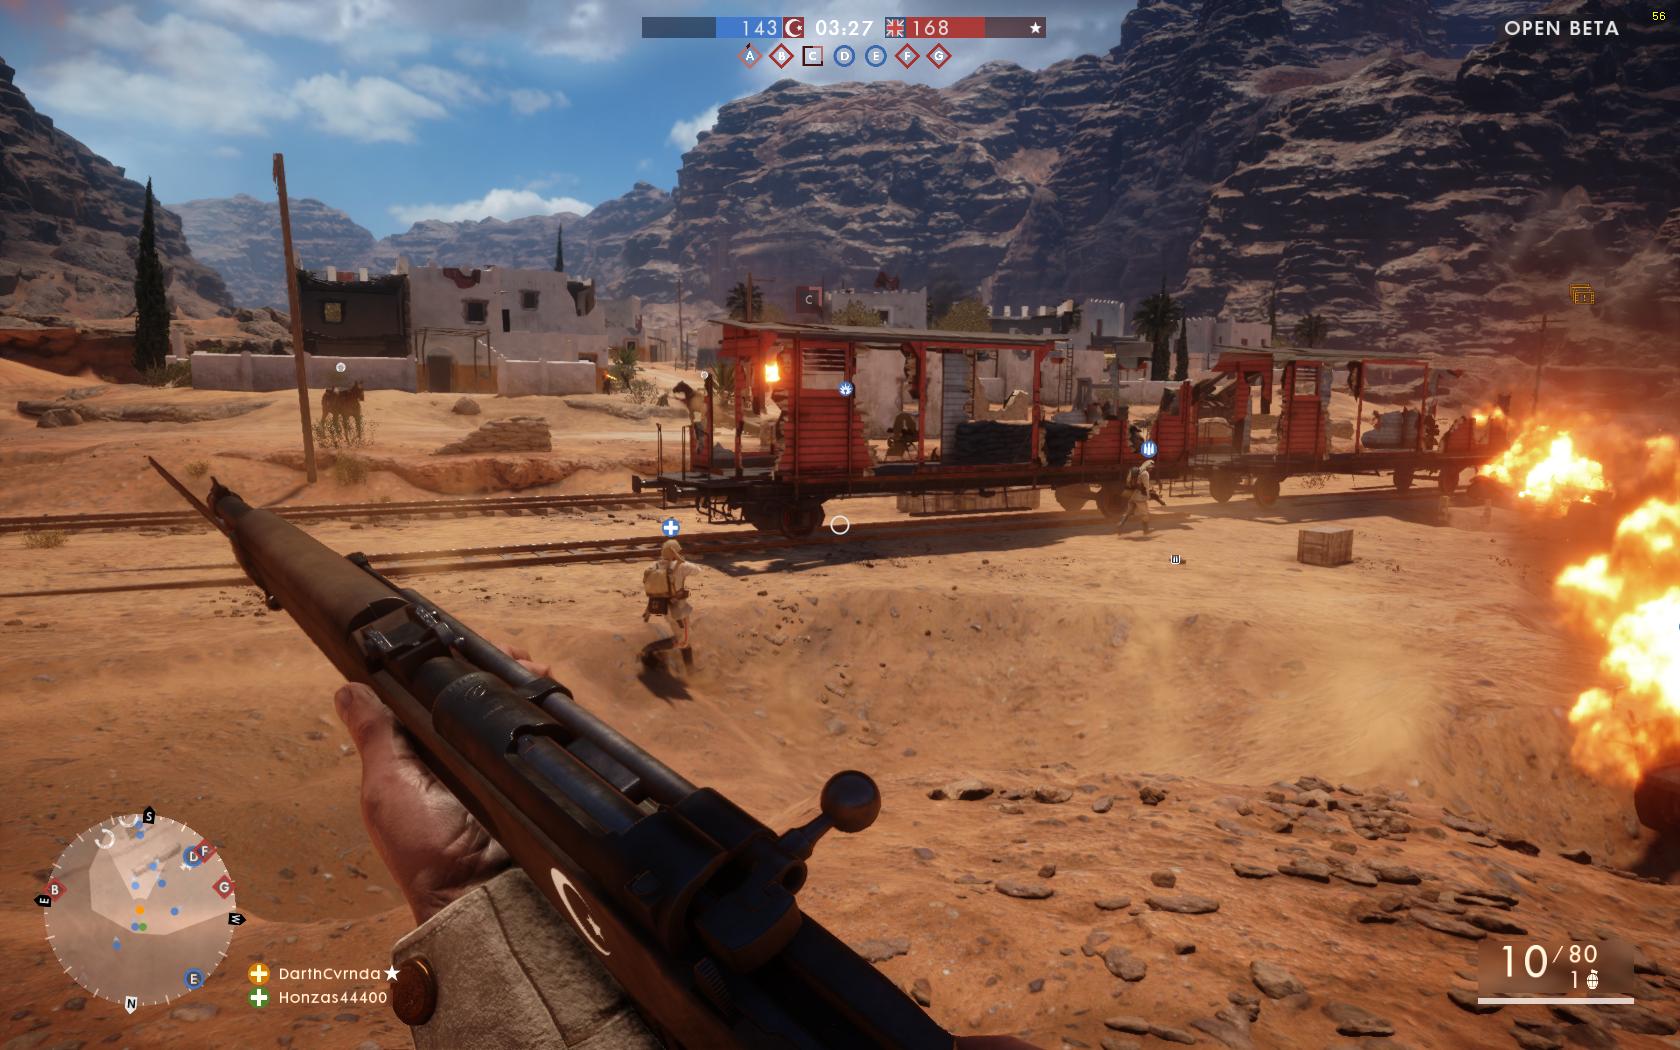 Dojmy z hraní otevřené bety Battlefield 1 129862